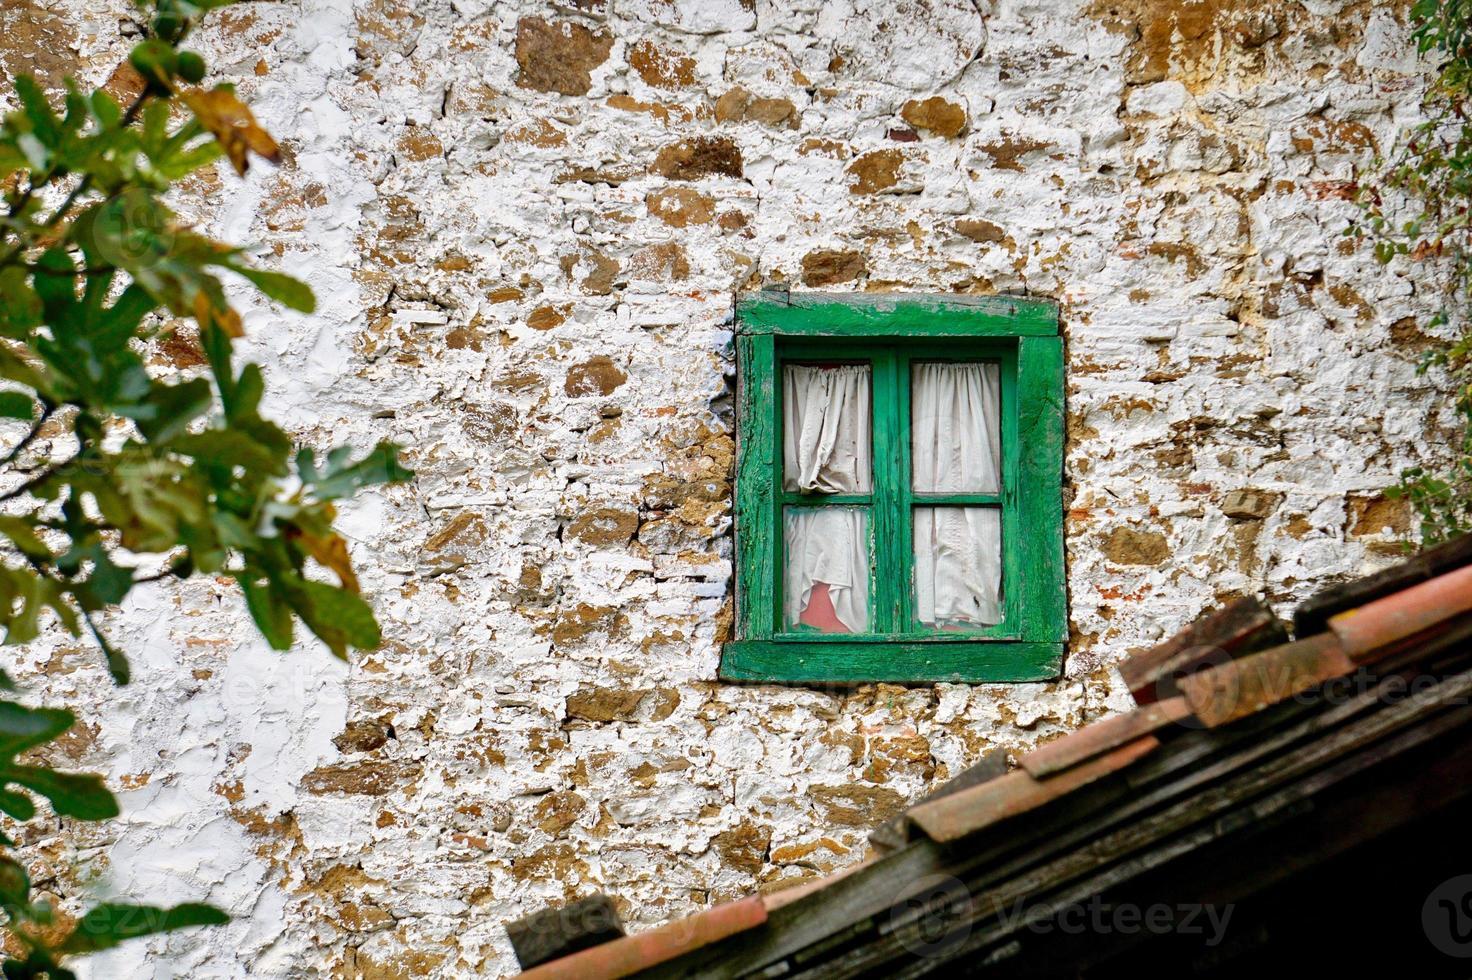 ventana de la vieja casa abandonada foto